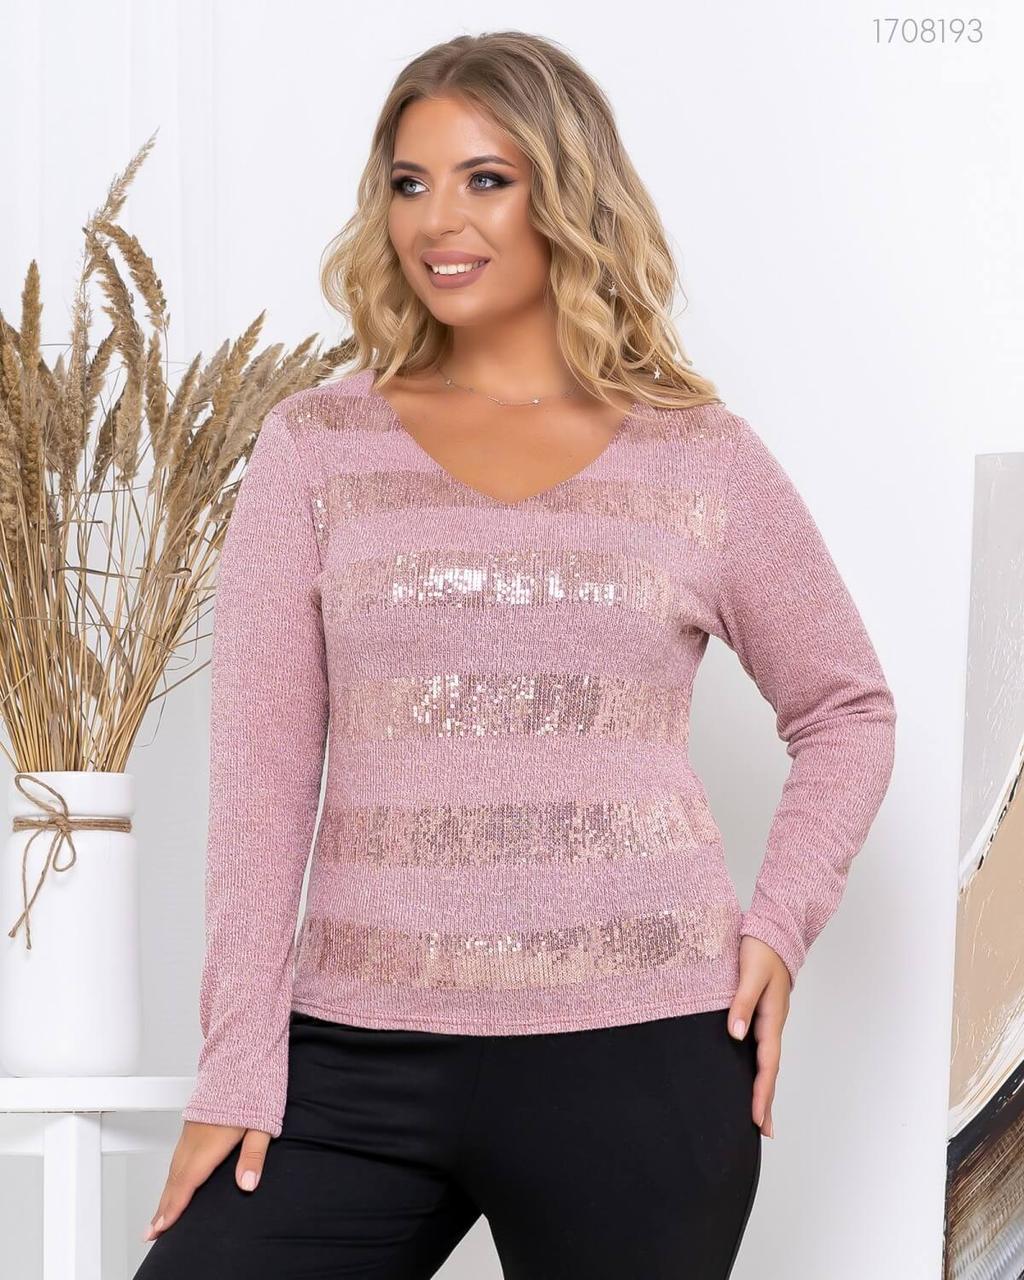 Женский ангоровый свитер в больших размерах с полосками из пайеток 83uk806